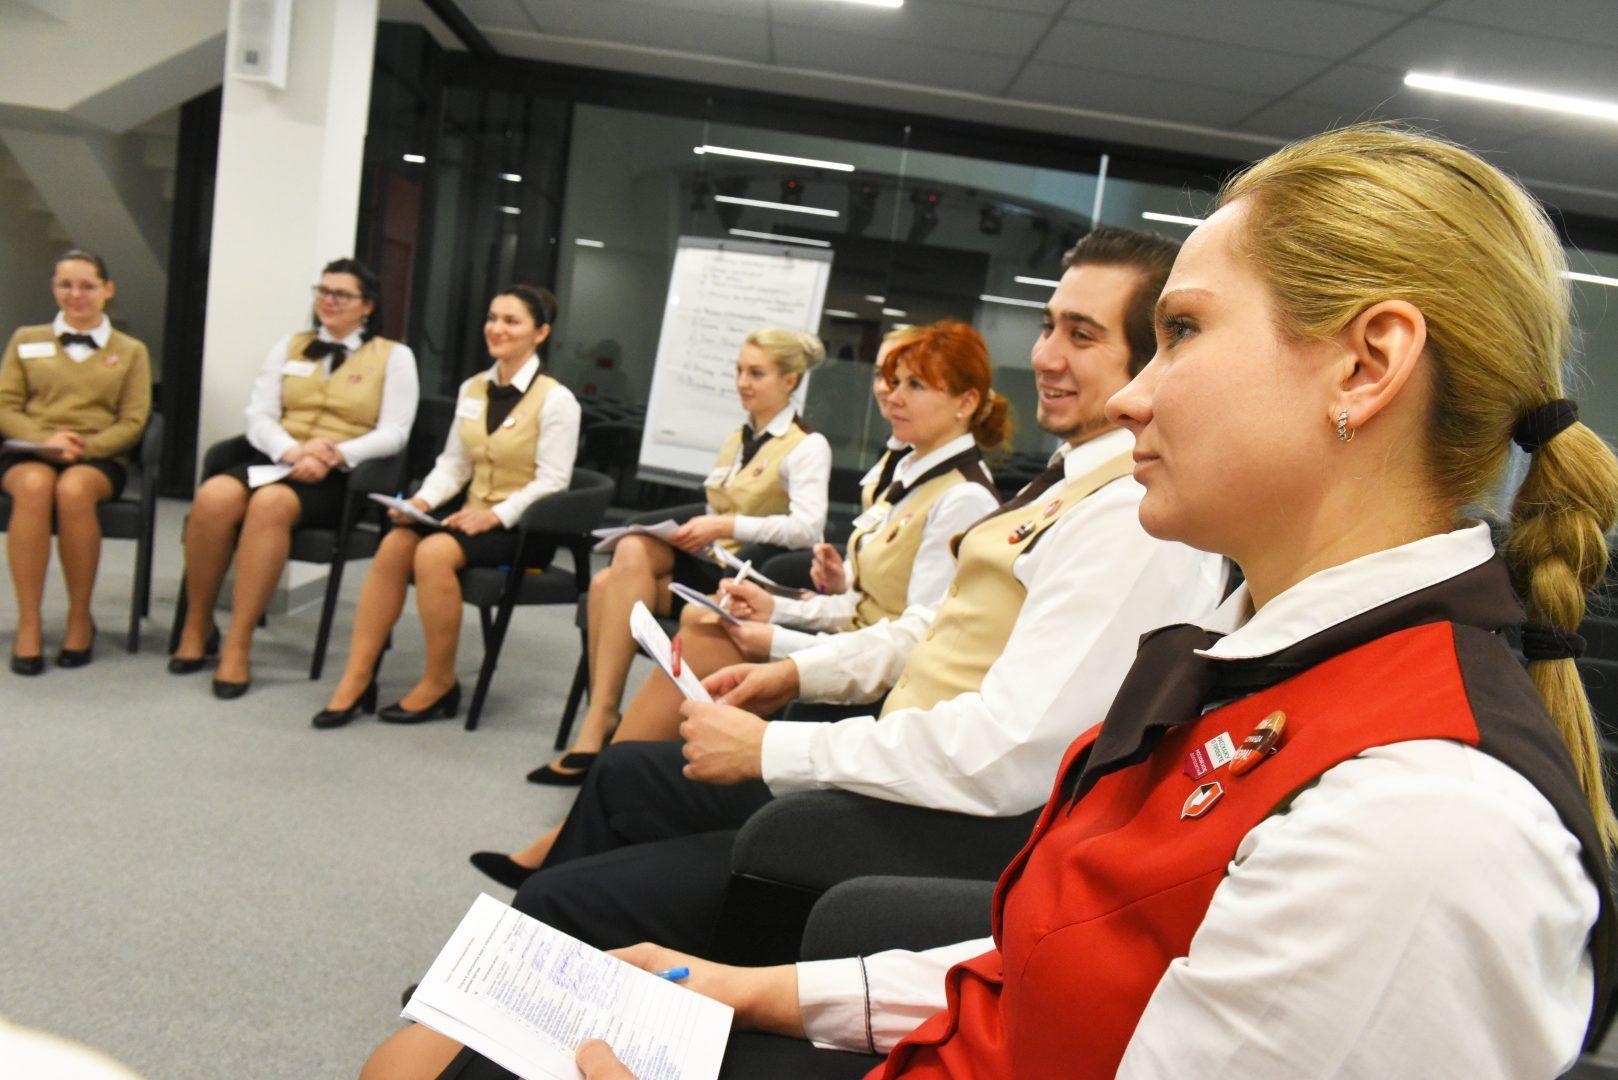 Москвичей пригласили на образовательные лекции в центры «Мои документы».Фото: архив, «Вечерняя Москва»